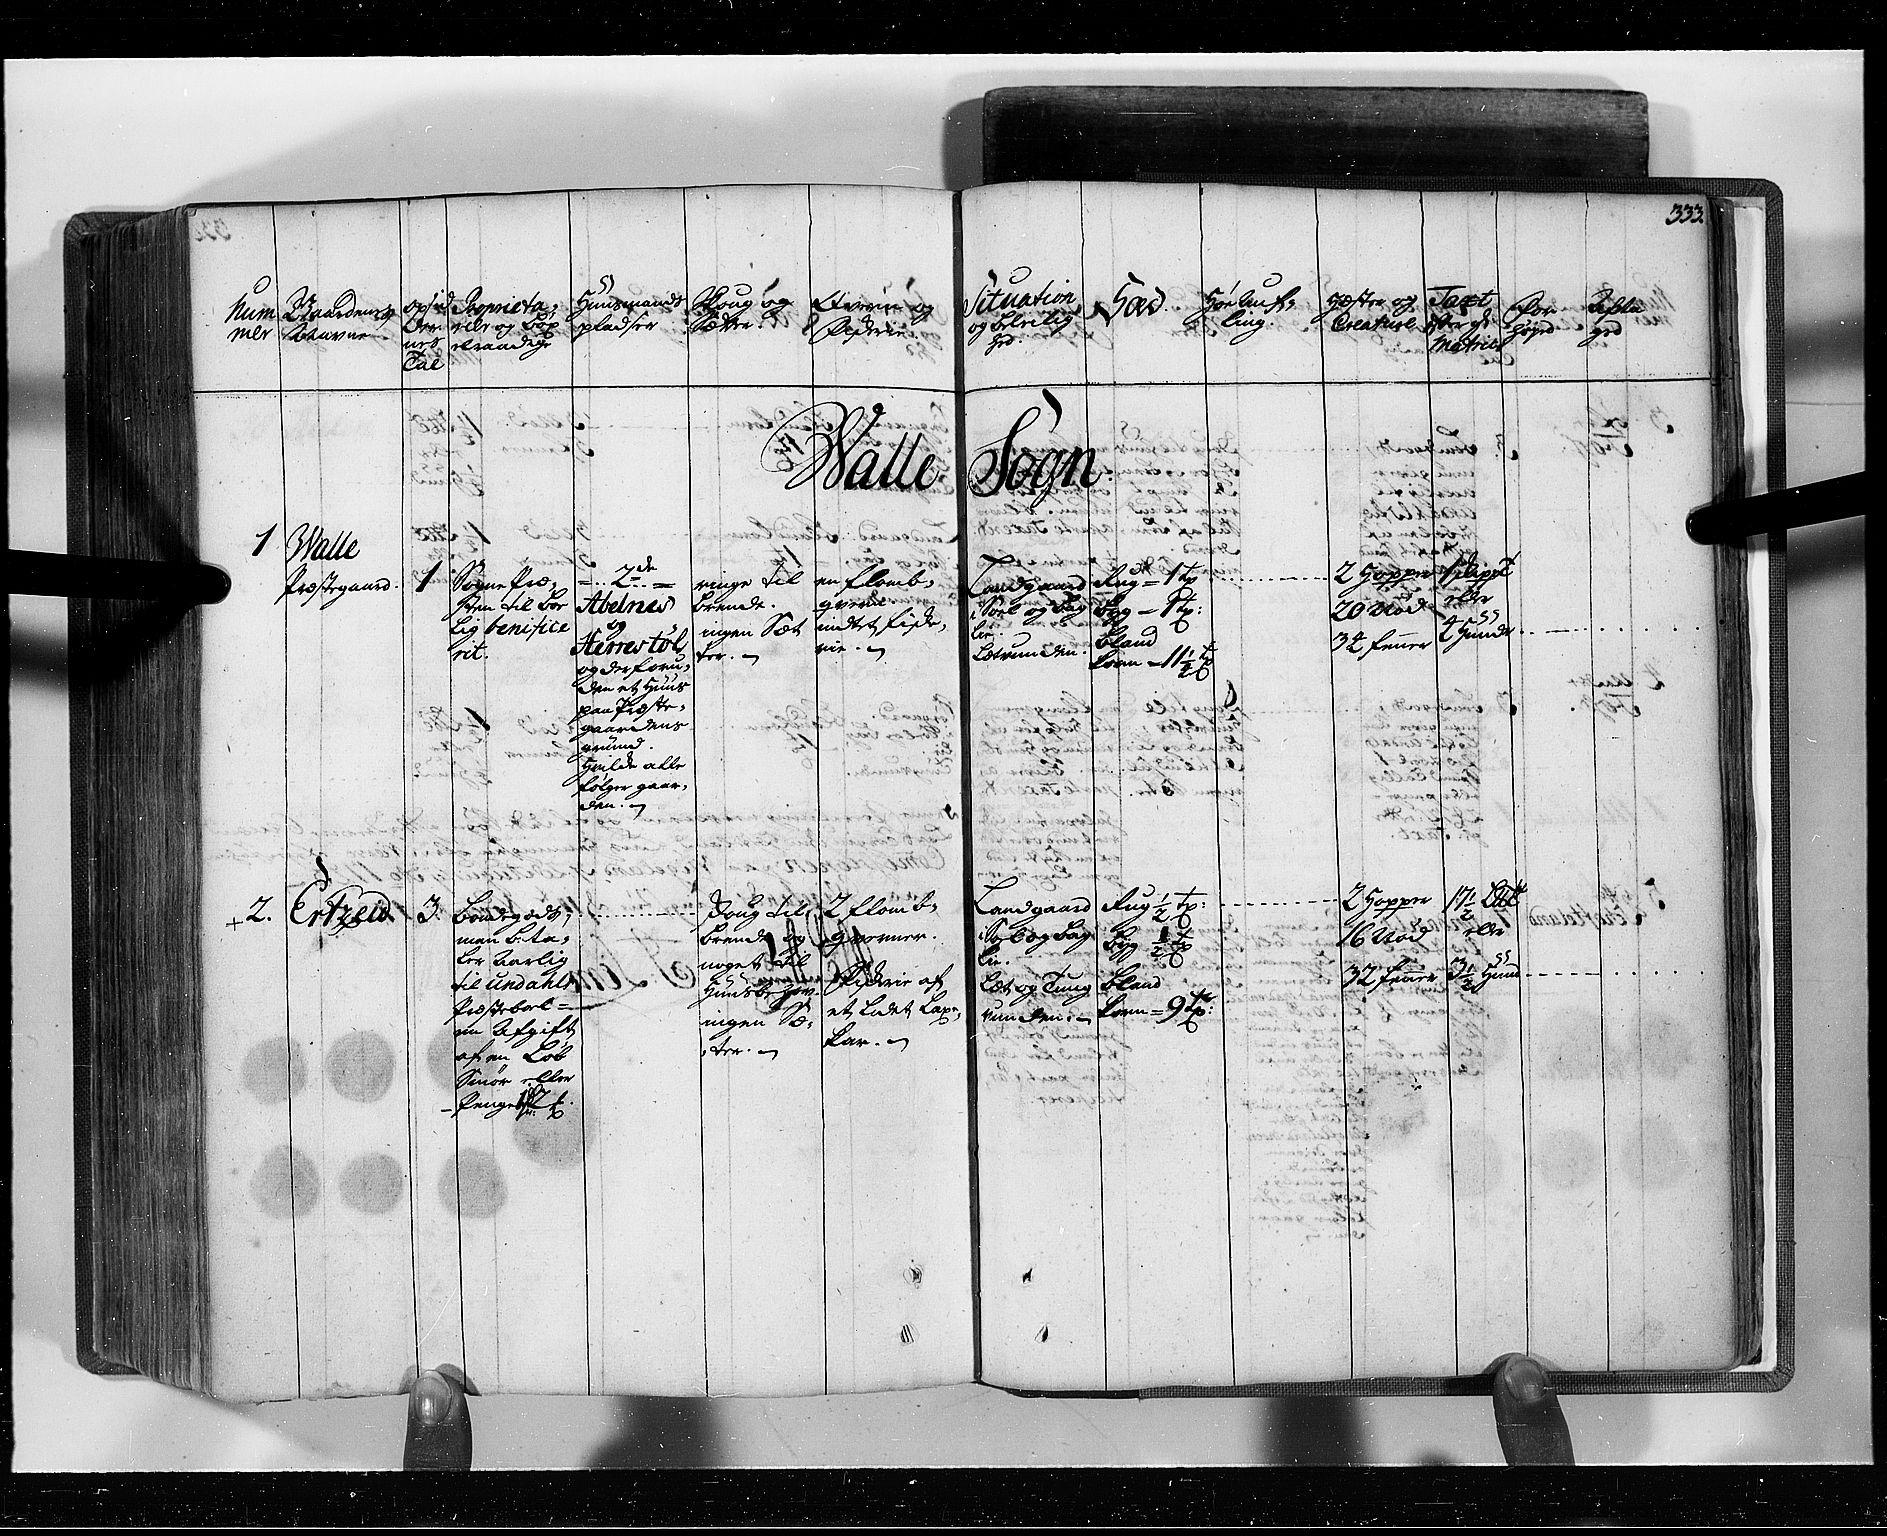 RA, Rentekammeret inntil 1814, Realistisk ordnet avdeling, N/Nb/Nbf/L0129: Lista eksaminasjonsprotokoll, 1723, s. 332b-333a